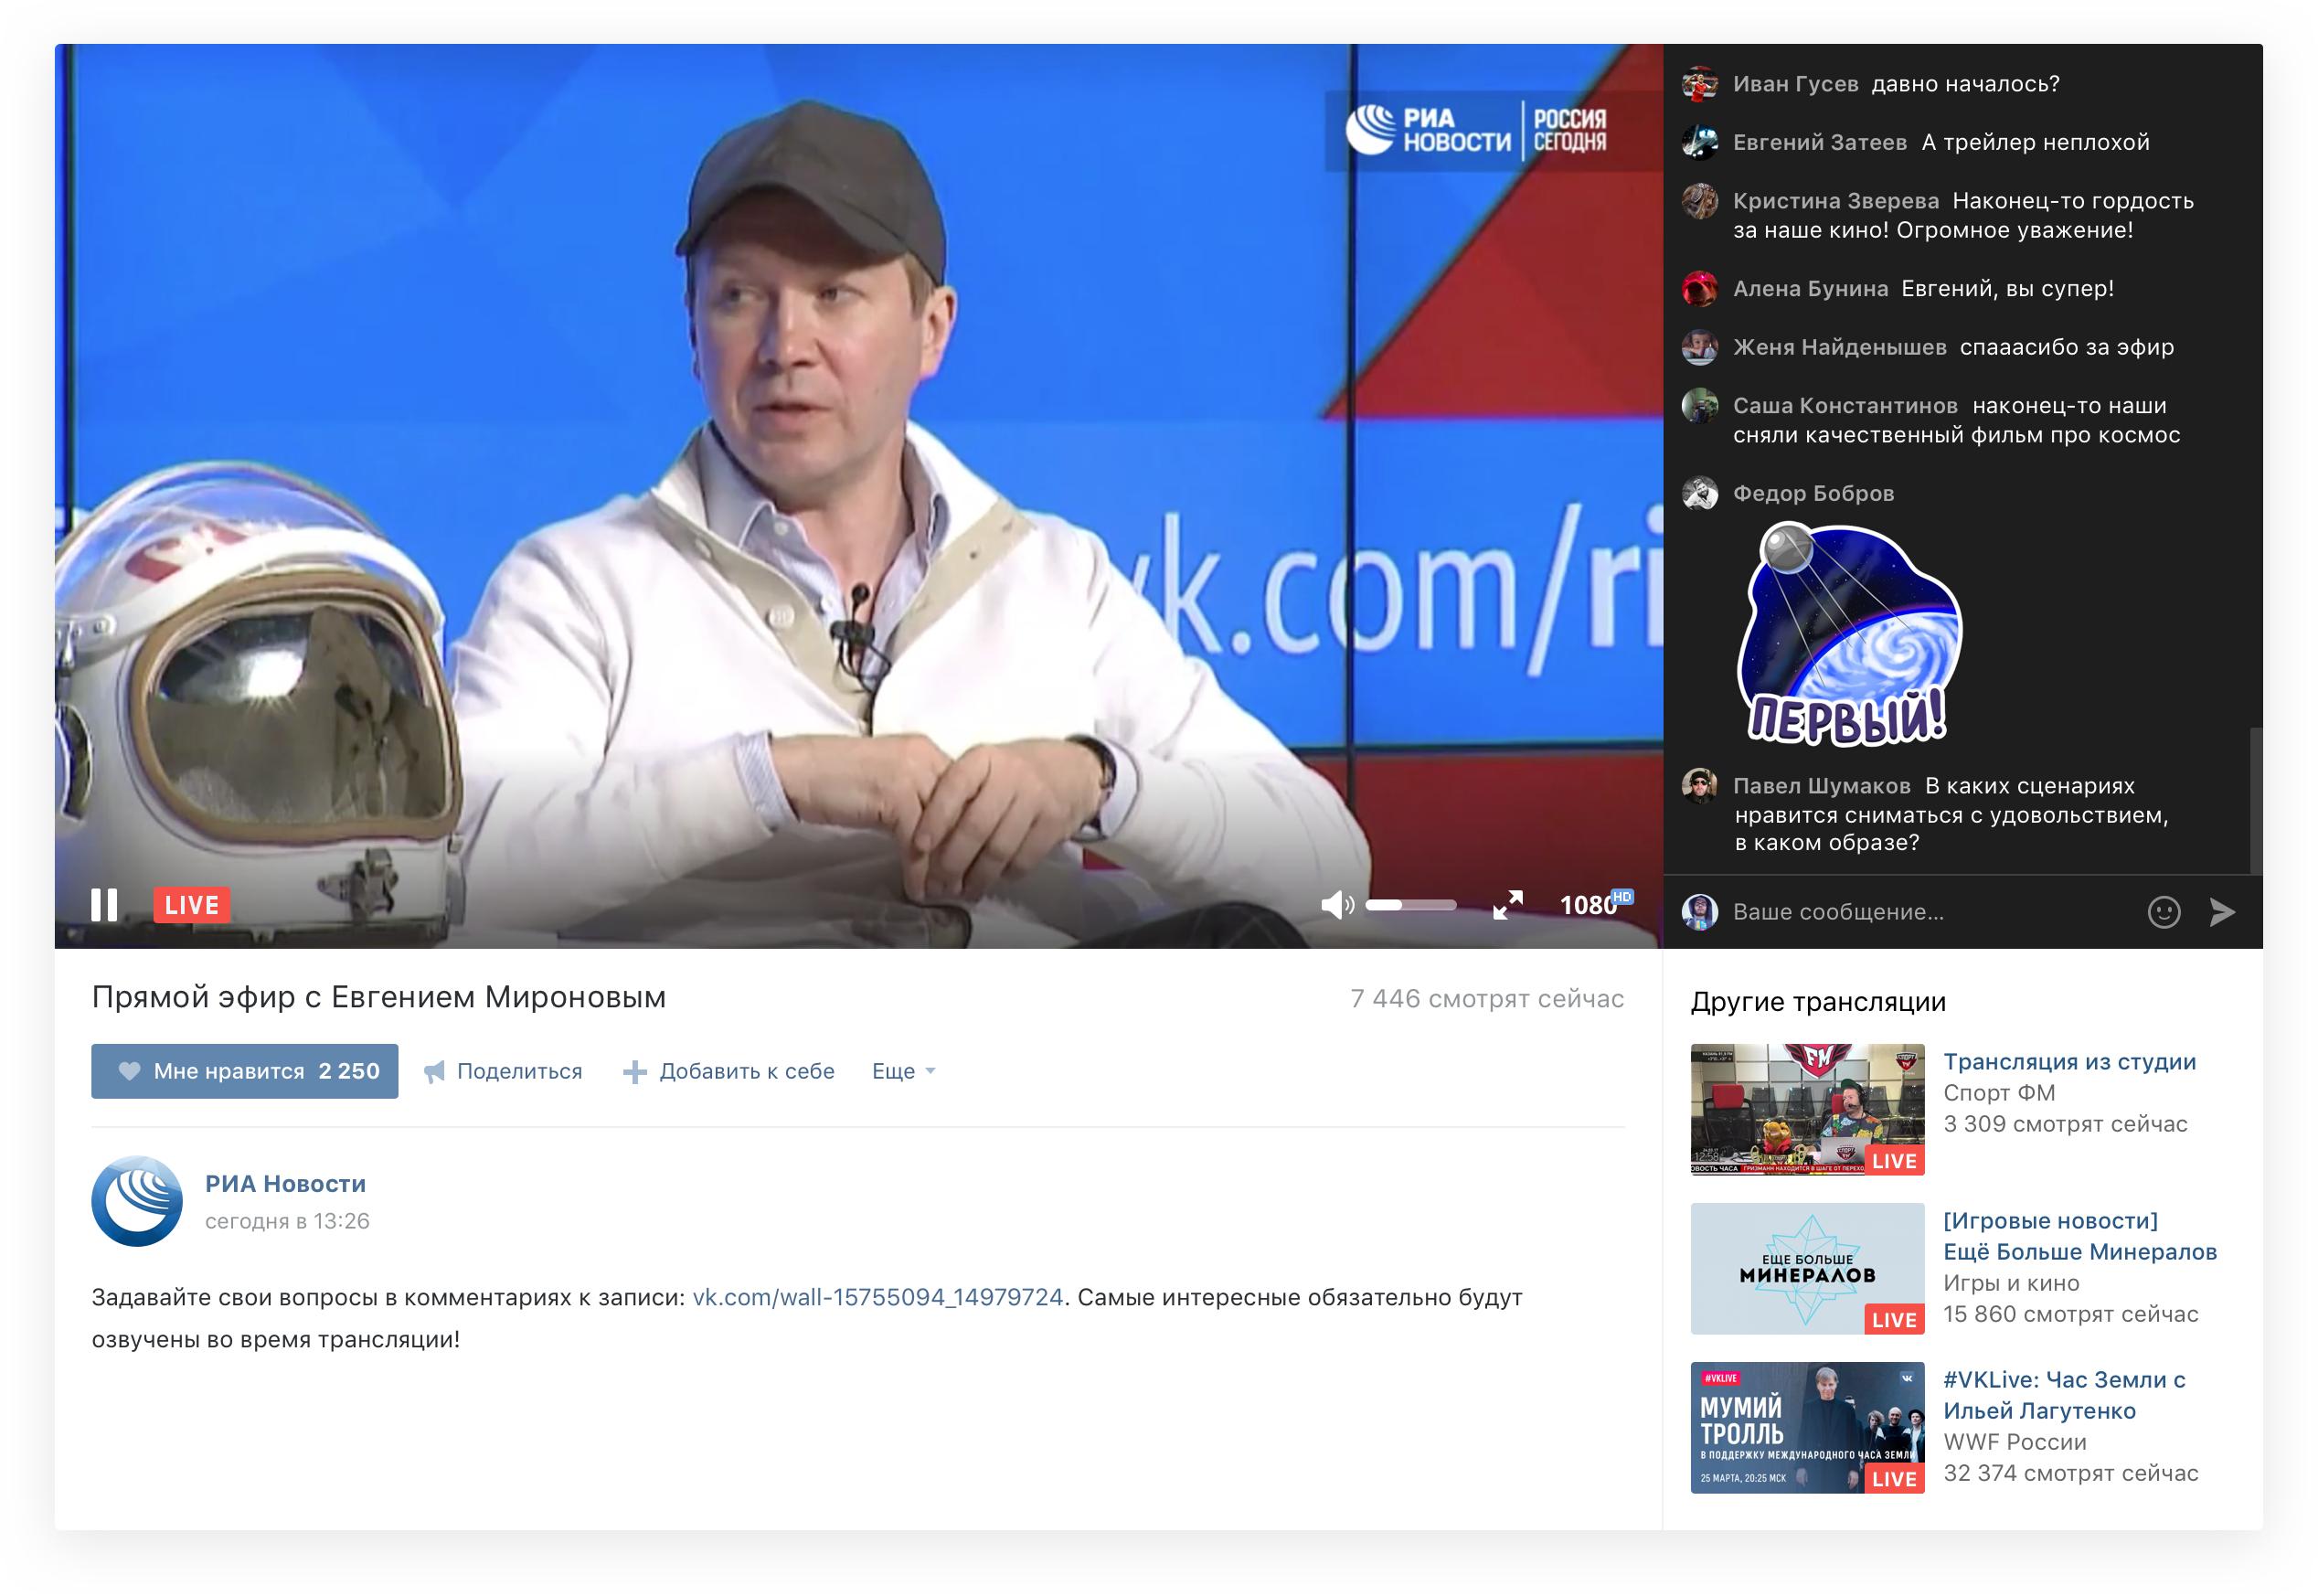 Функцию прямых трансляций «Вконтакте» сделали доступной для всех пользователей